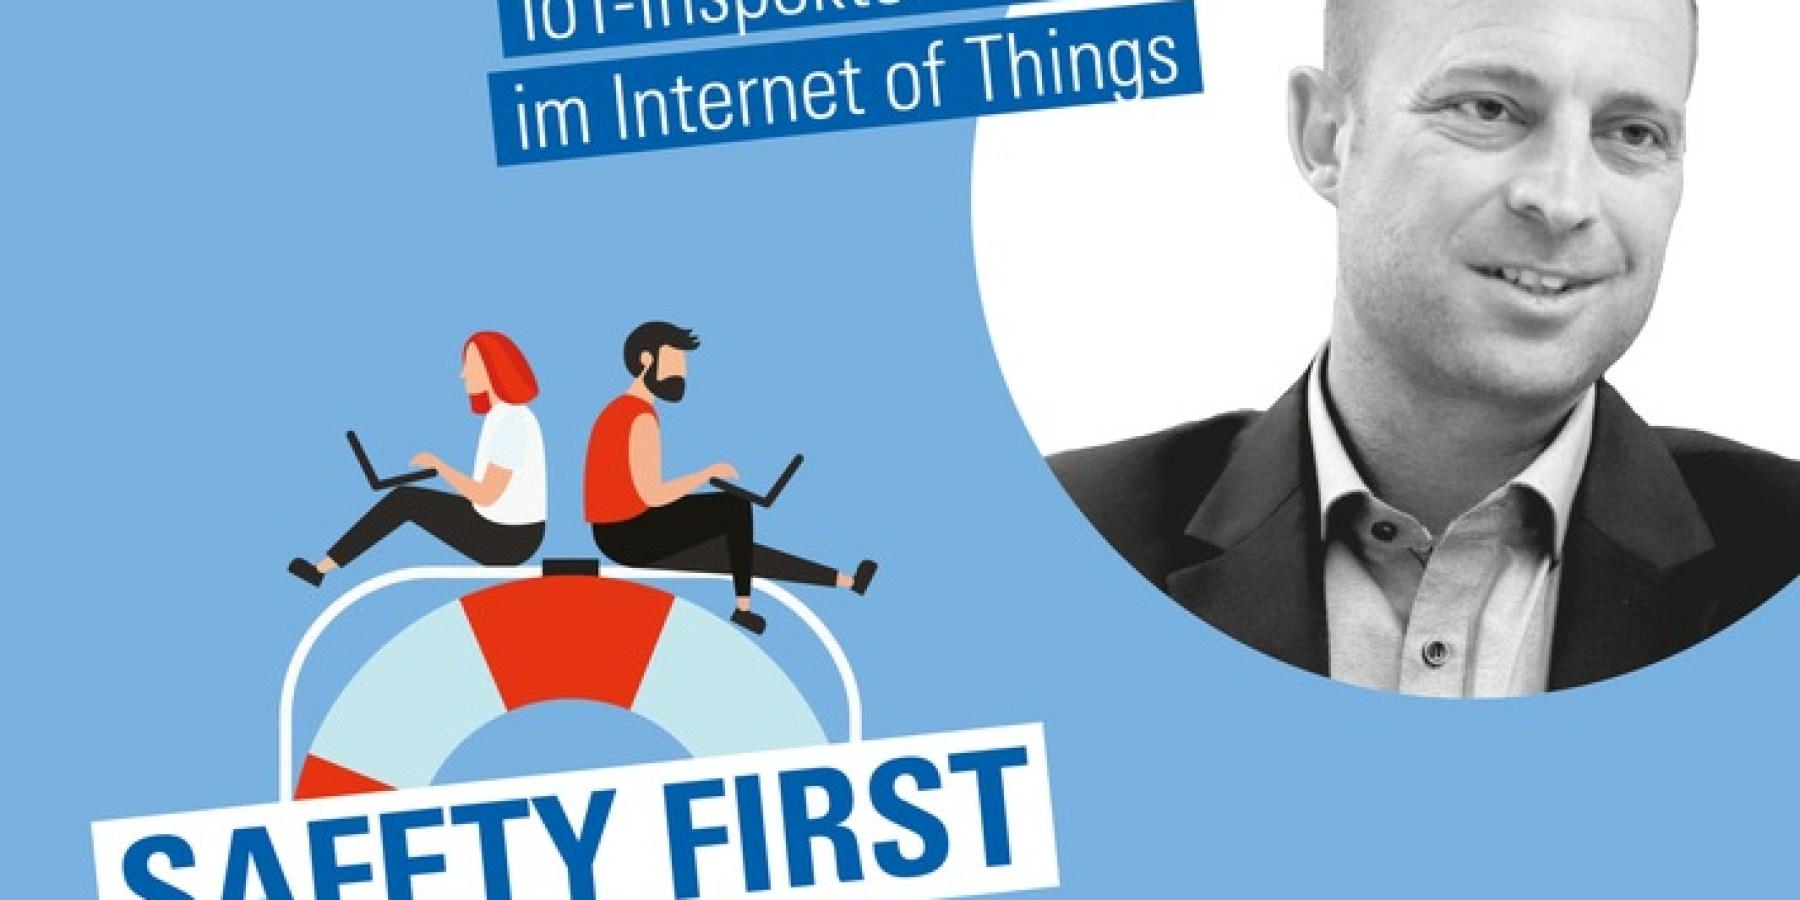 """""""Safety First"""": Sicher im Internet of Things mit dem IoT-Inspektor"""